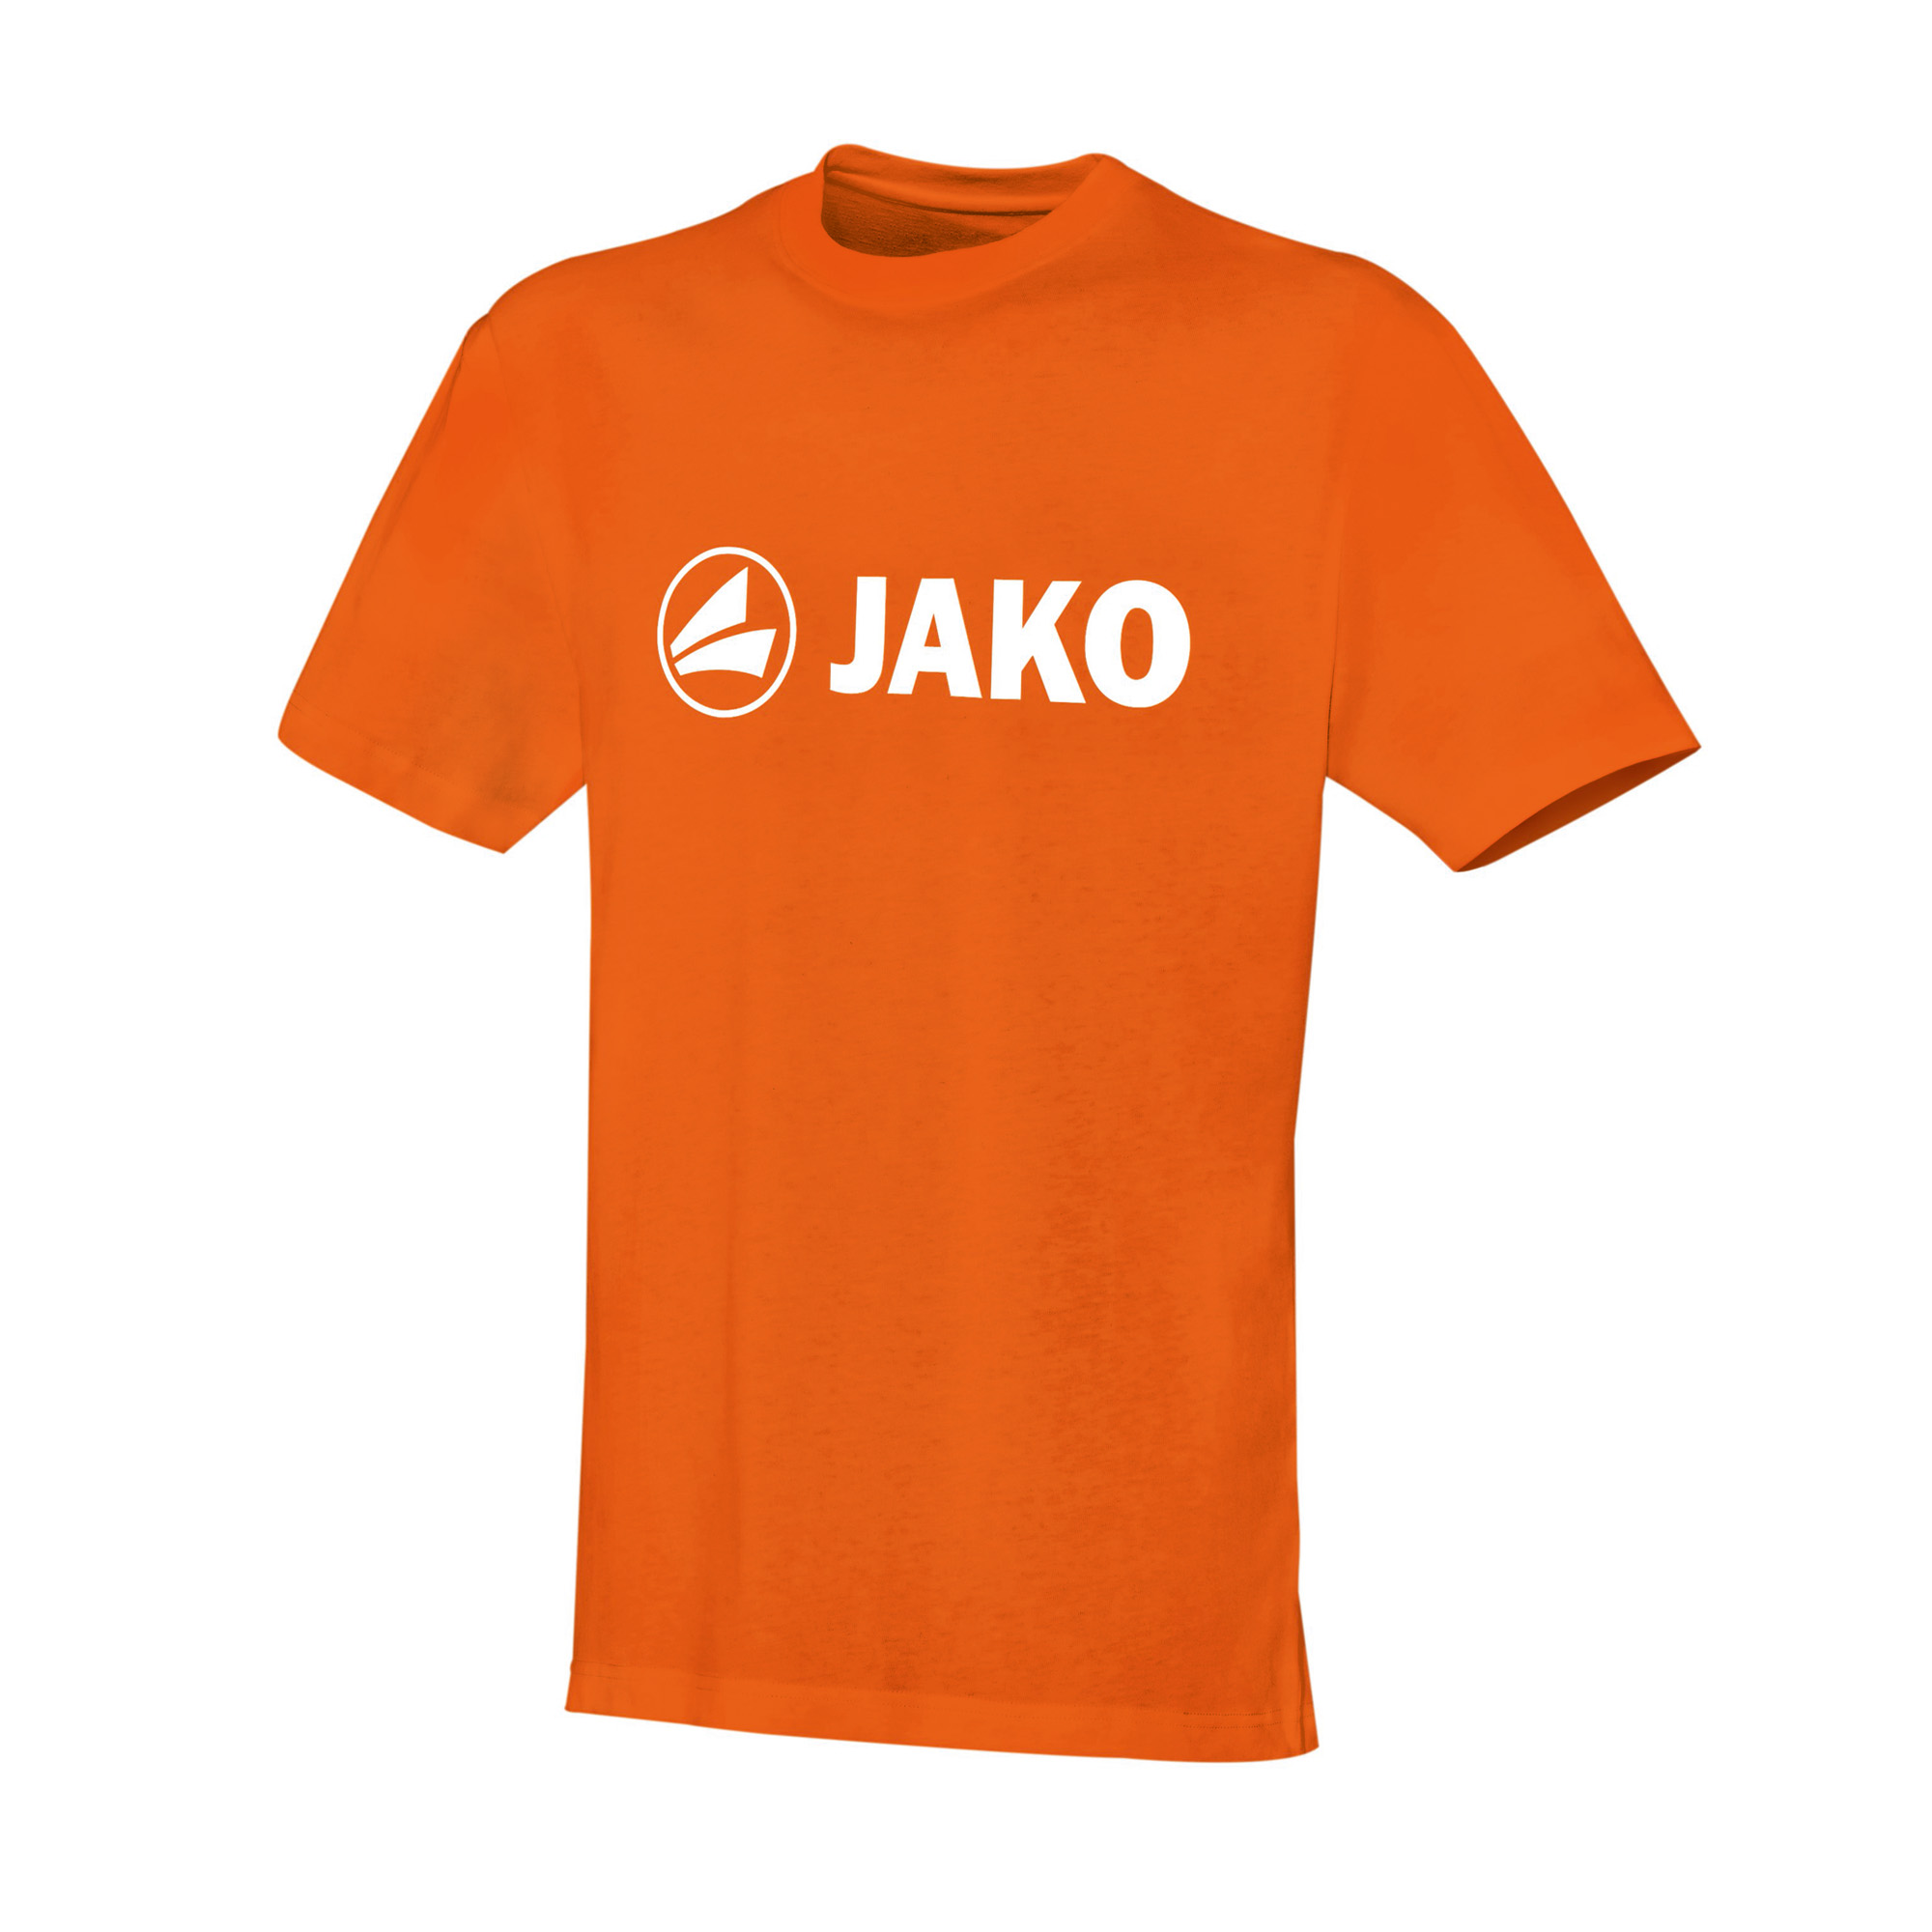 Jako Herren T-Shirt Promo 6163-19 XXL